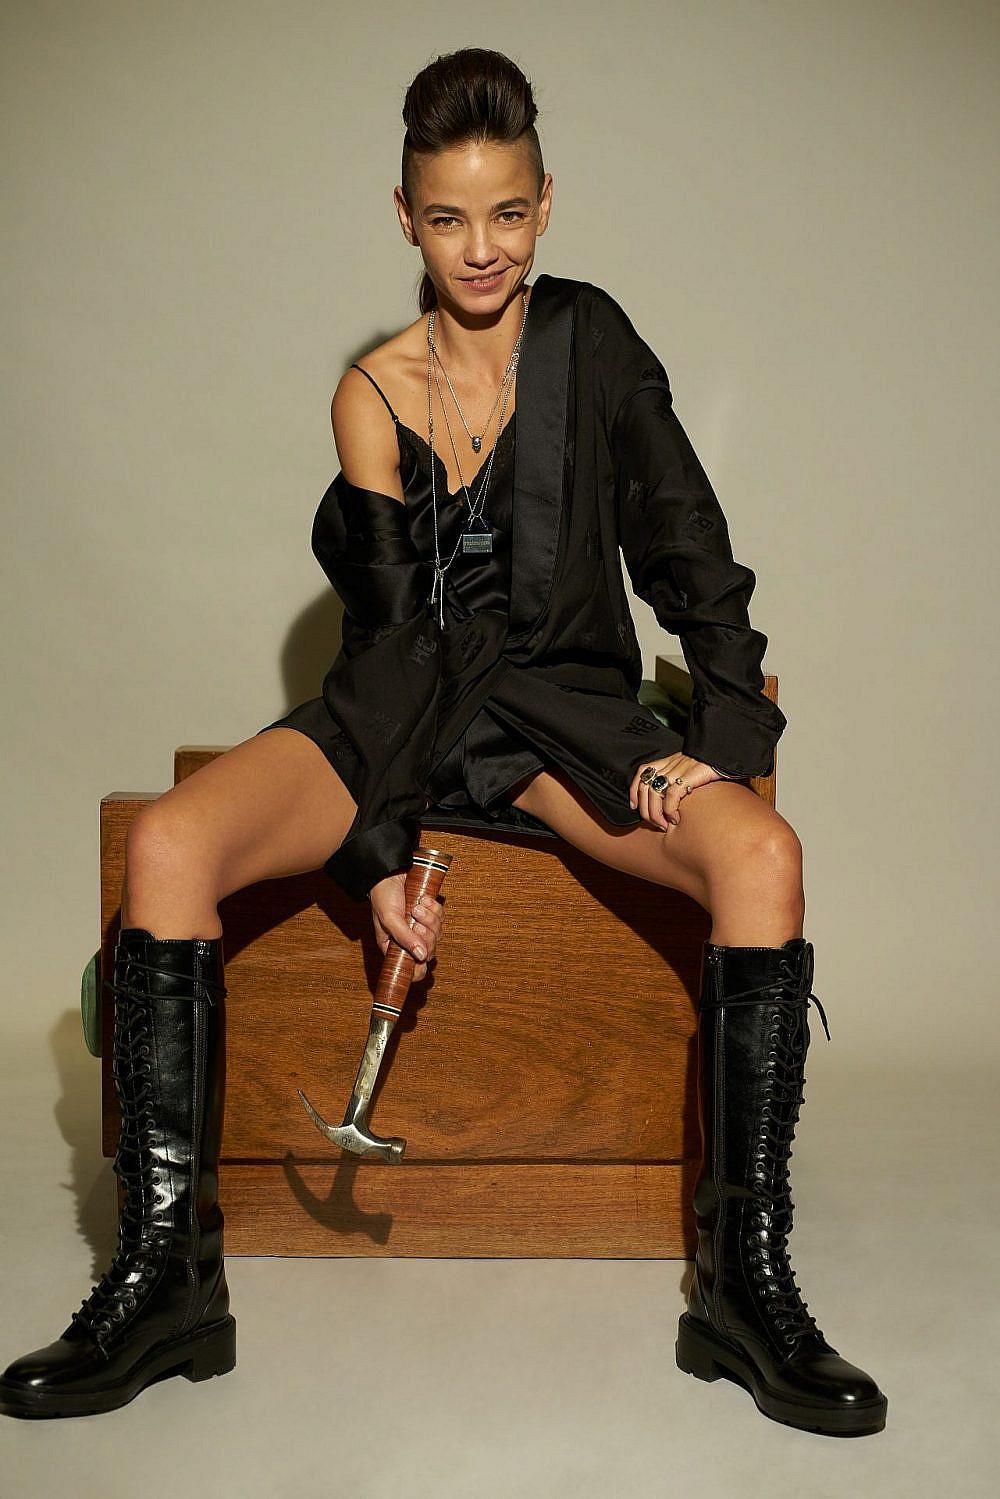 בת חן סבג | צילום: רון קדמי, סטיילינג: מזל חסון. שמלה אלכסנדר וונג ב-VERNER, מגפיים זארה, תכשיטים Yoyo 23